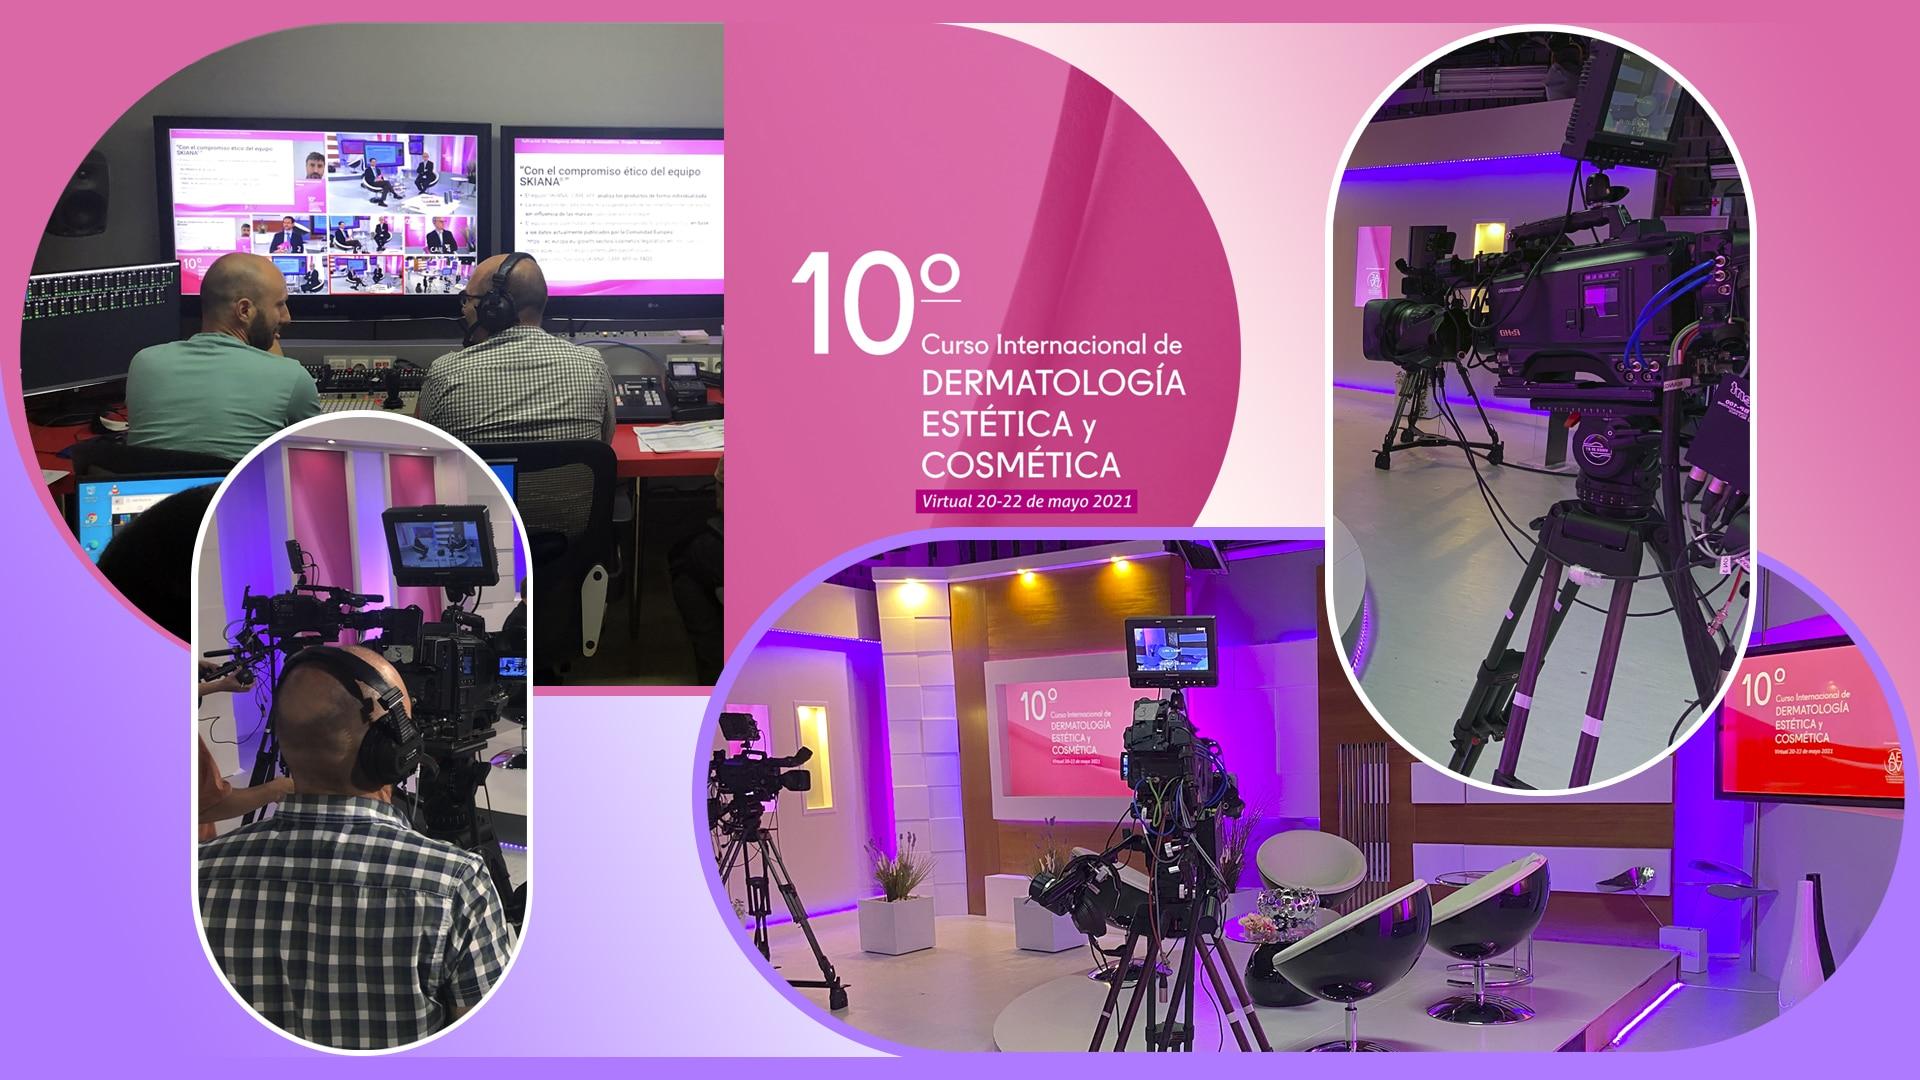 Caso de exito evento en streaming |congreso online | YUV TV